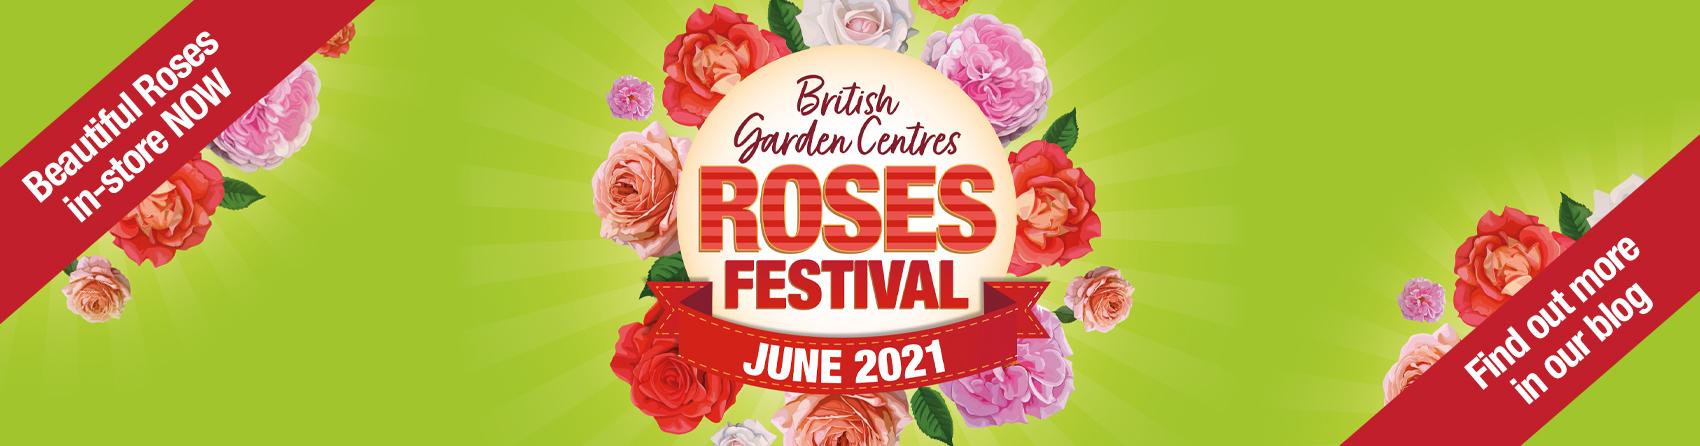 Festival of roses banner BGC